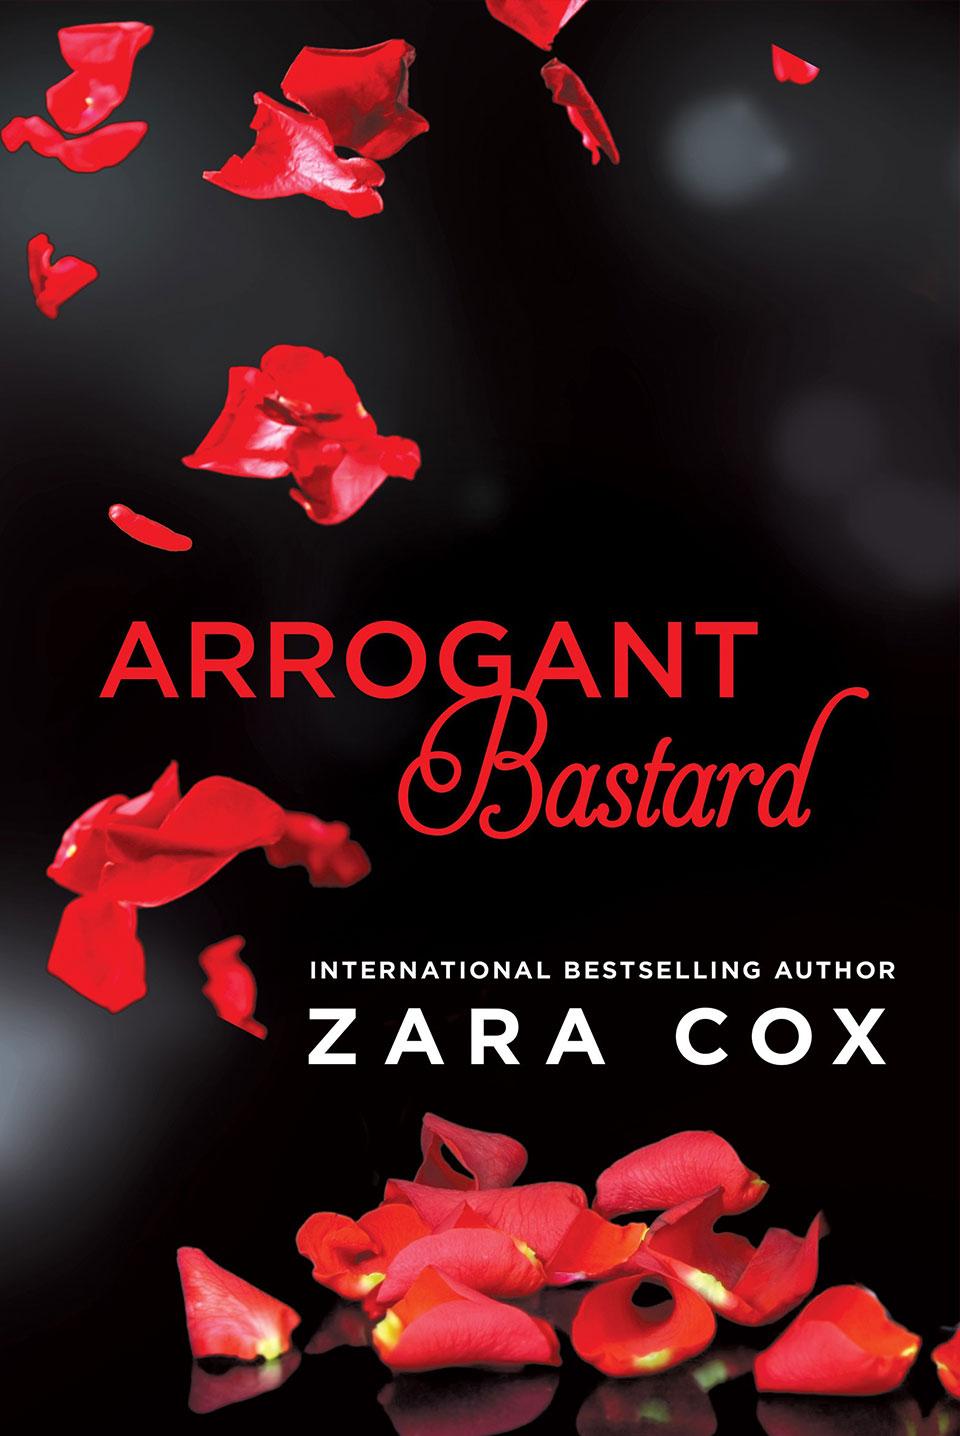 Meet Your Next Book Boyfriend - Crave Romance App